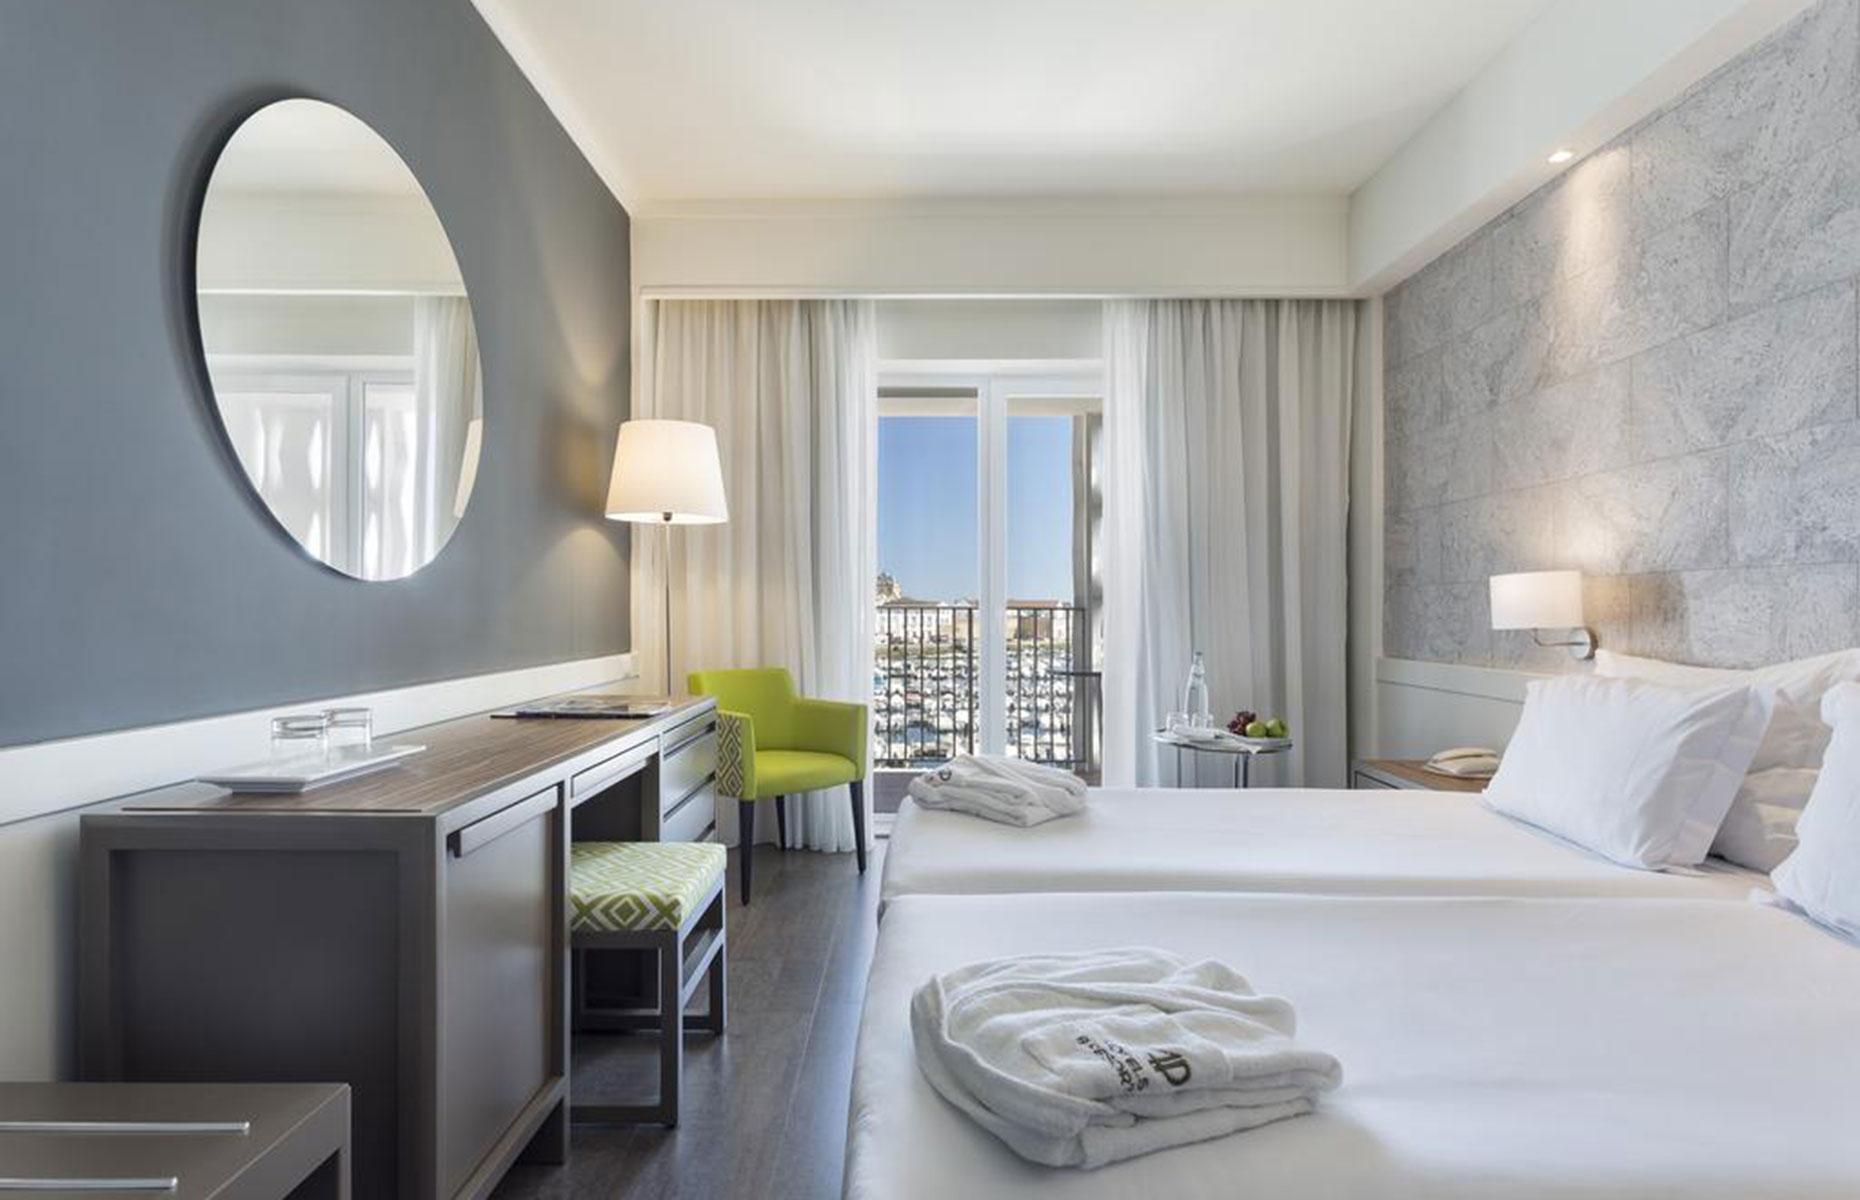 Eve Senses Hotel, Faro (Image: Eva Senses Hotel/Booking.com)